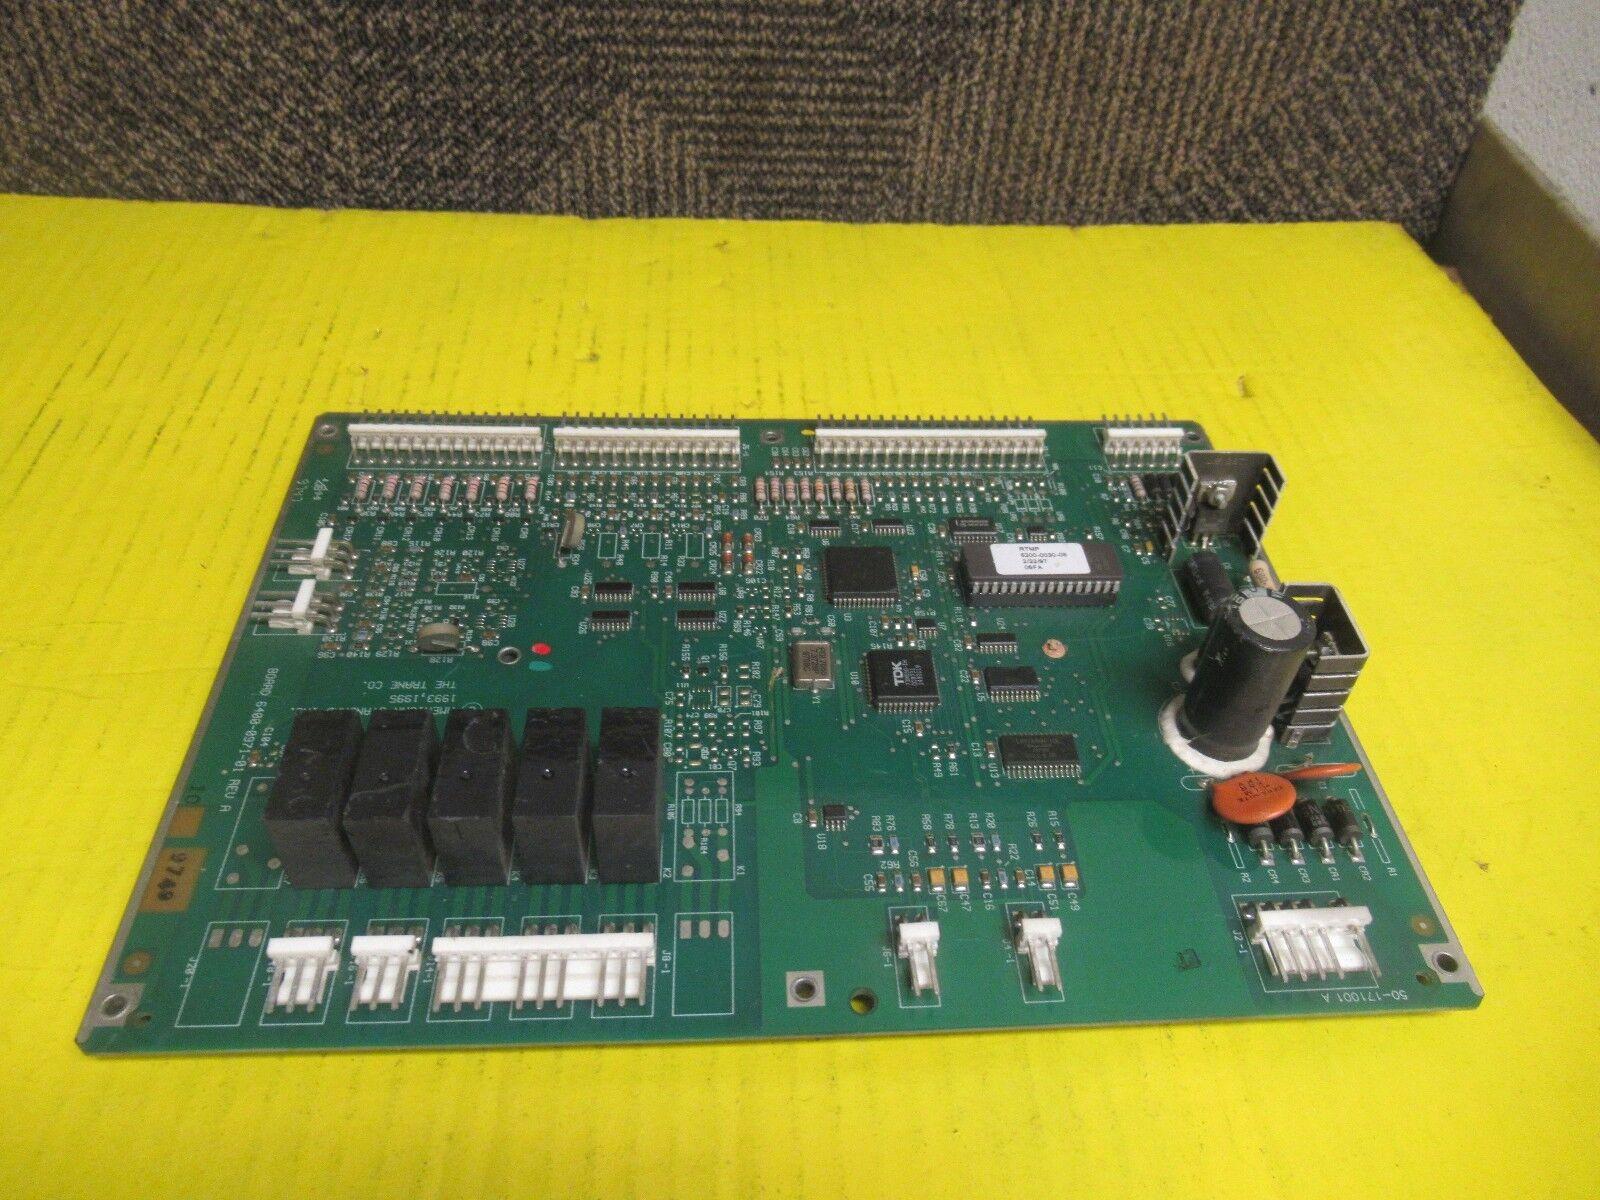 TRANE CIRCUIT BOARD 6400-0971-01 REV A X13650558-01 REV A